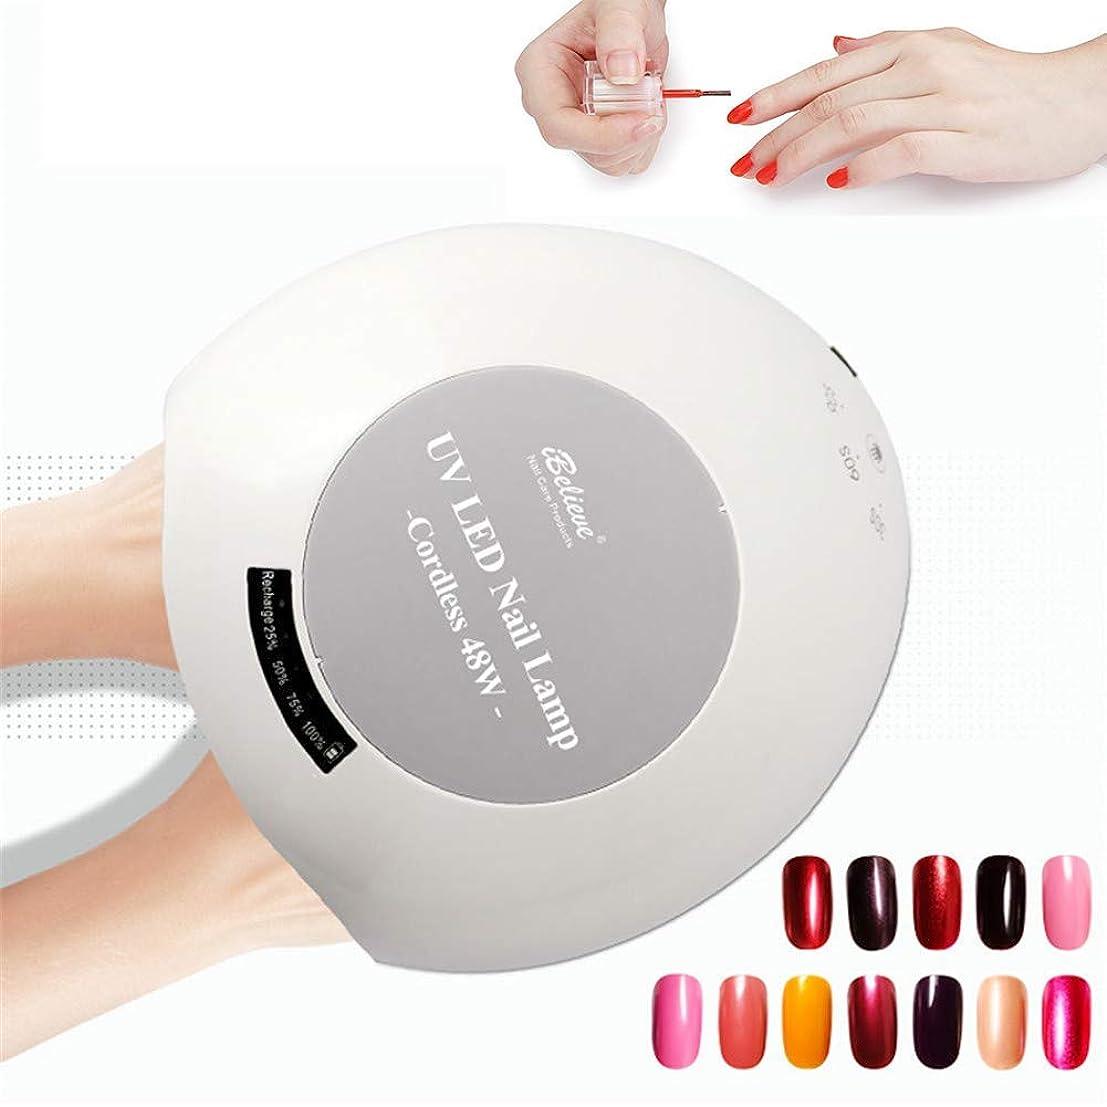 すべてのゲルのための48W UVランプLEDネイルランプネイルドライヤー赤外線検知付き30/60/90秒タイマースマートタッチボタン